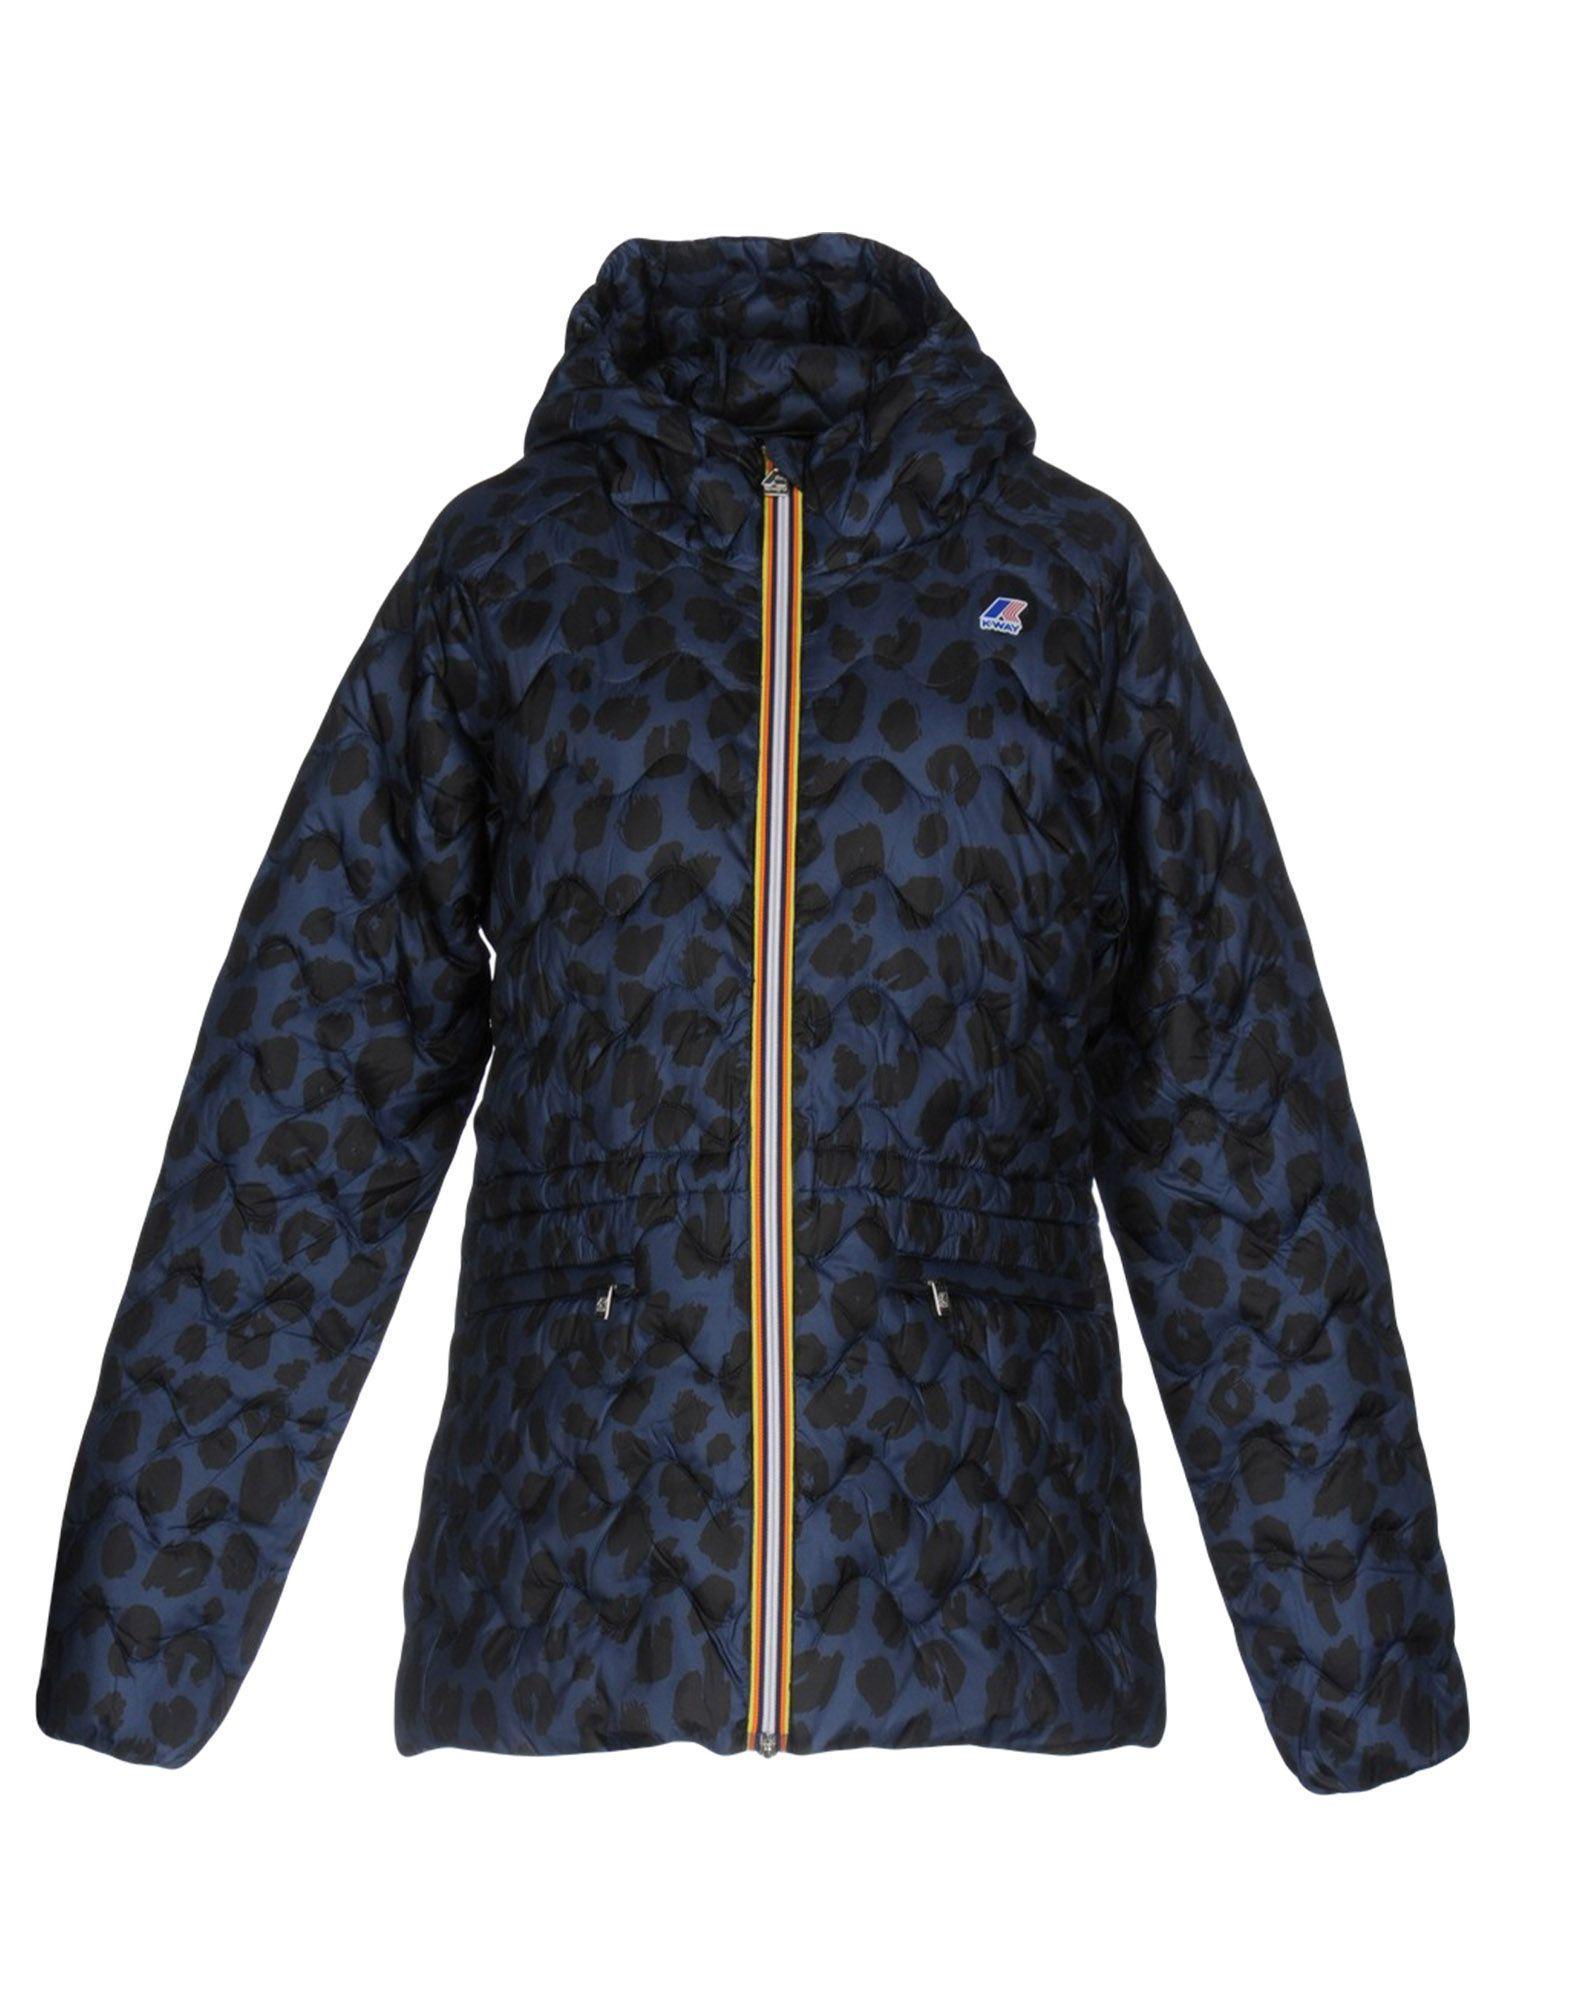 K-way Down Jacket In Slate Blue